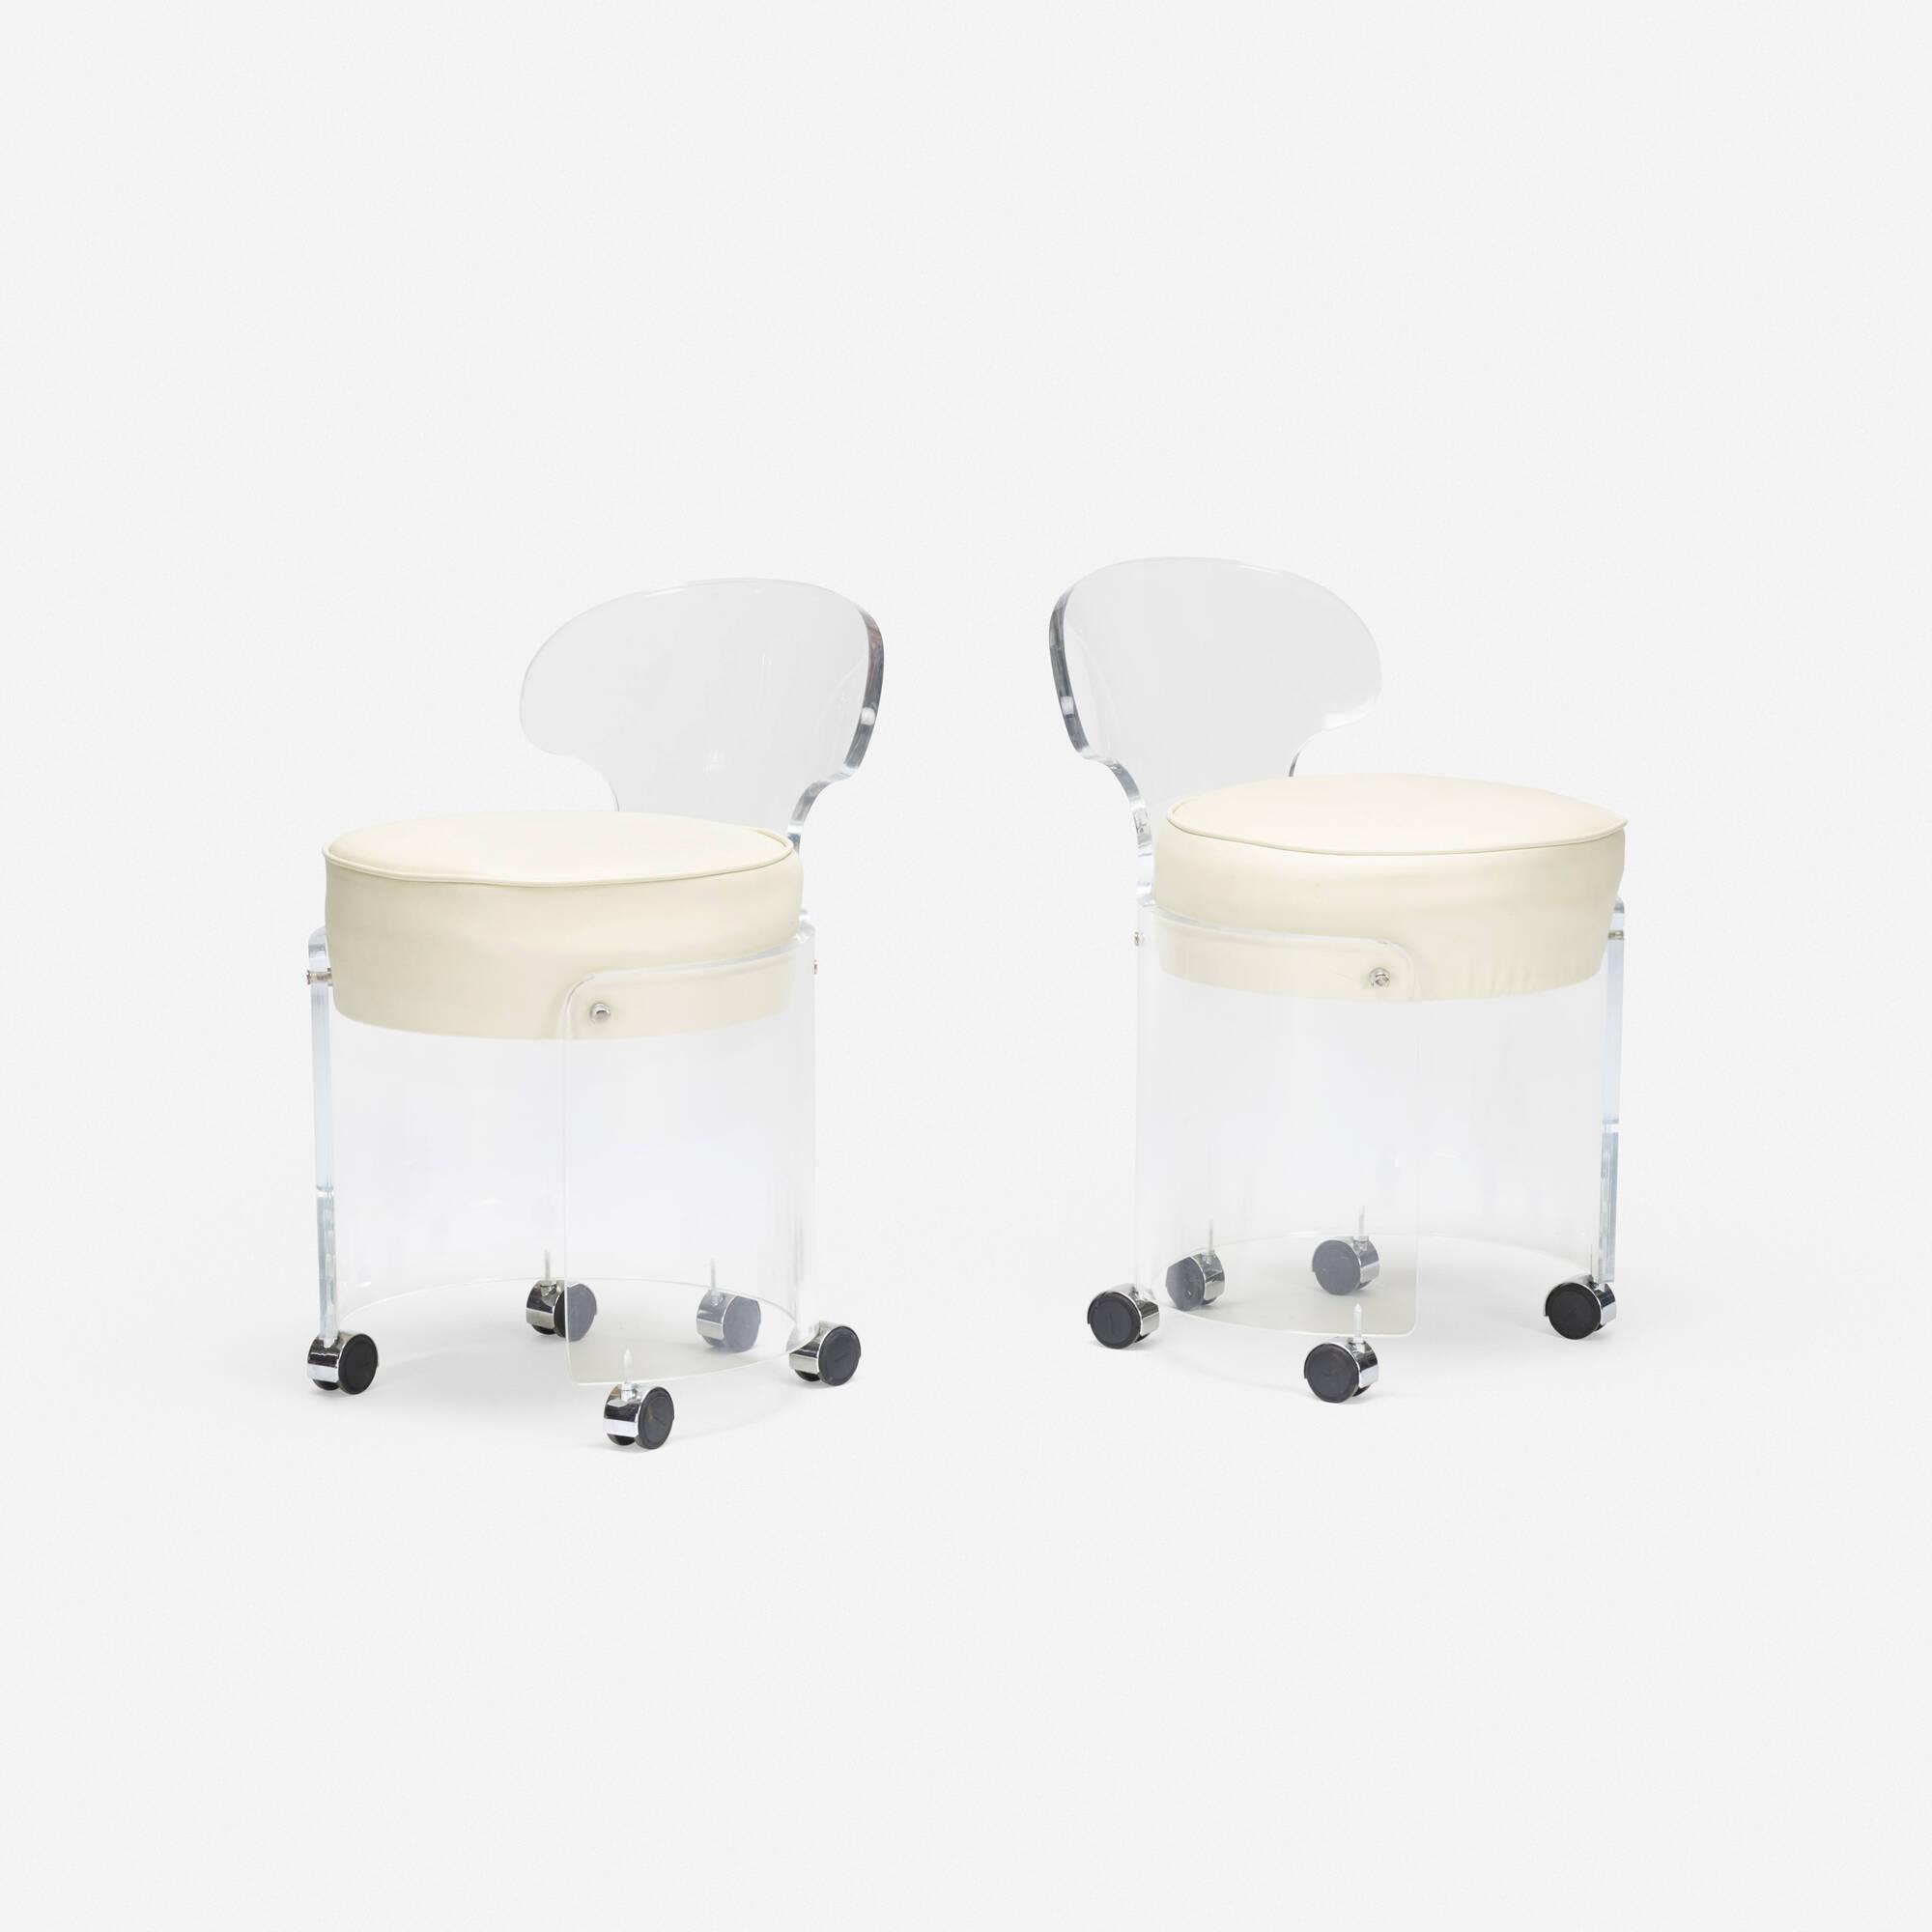 123: American / vanity chairs, pair (1 of 3)